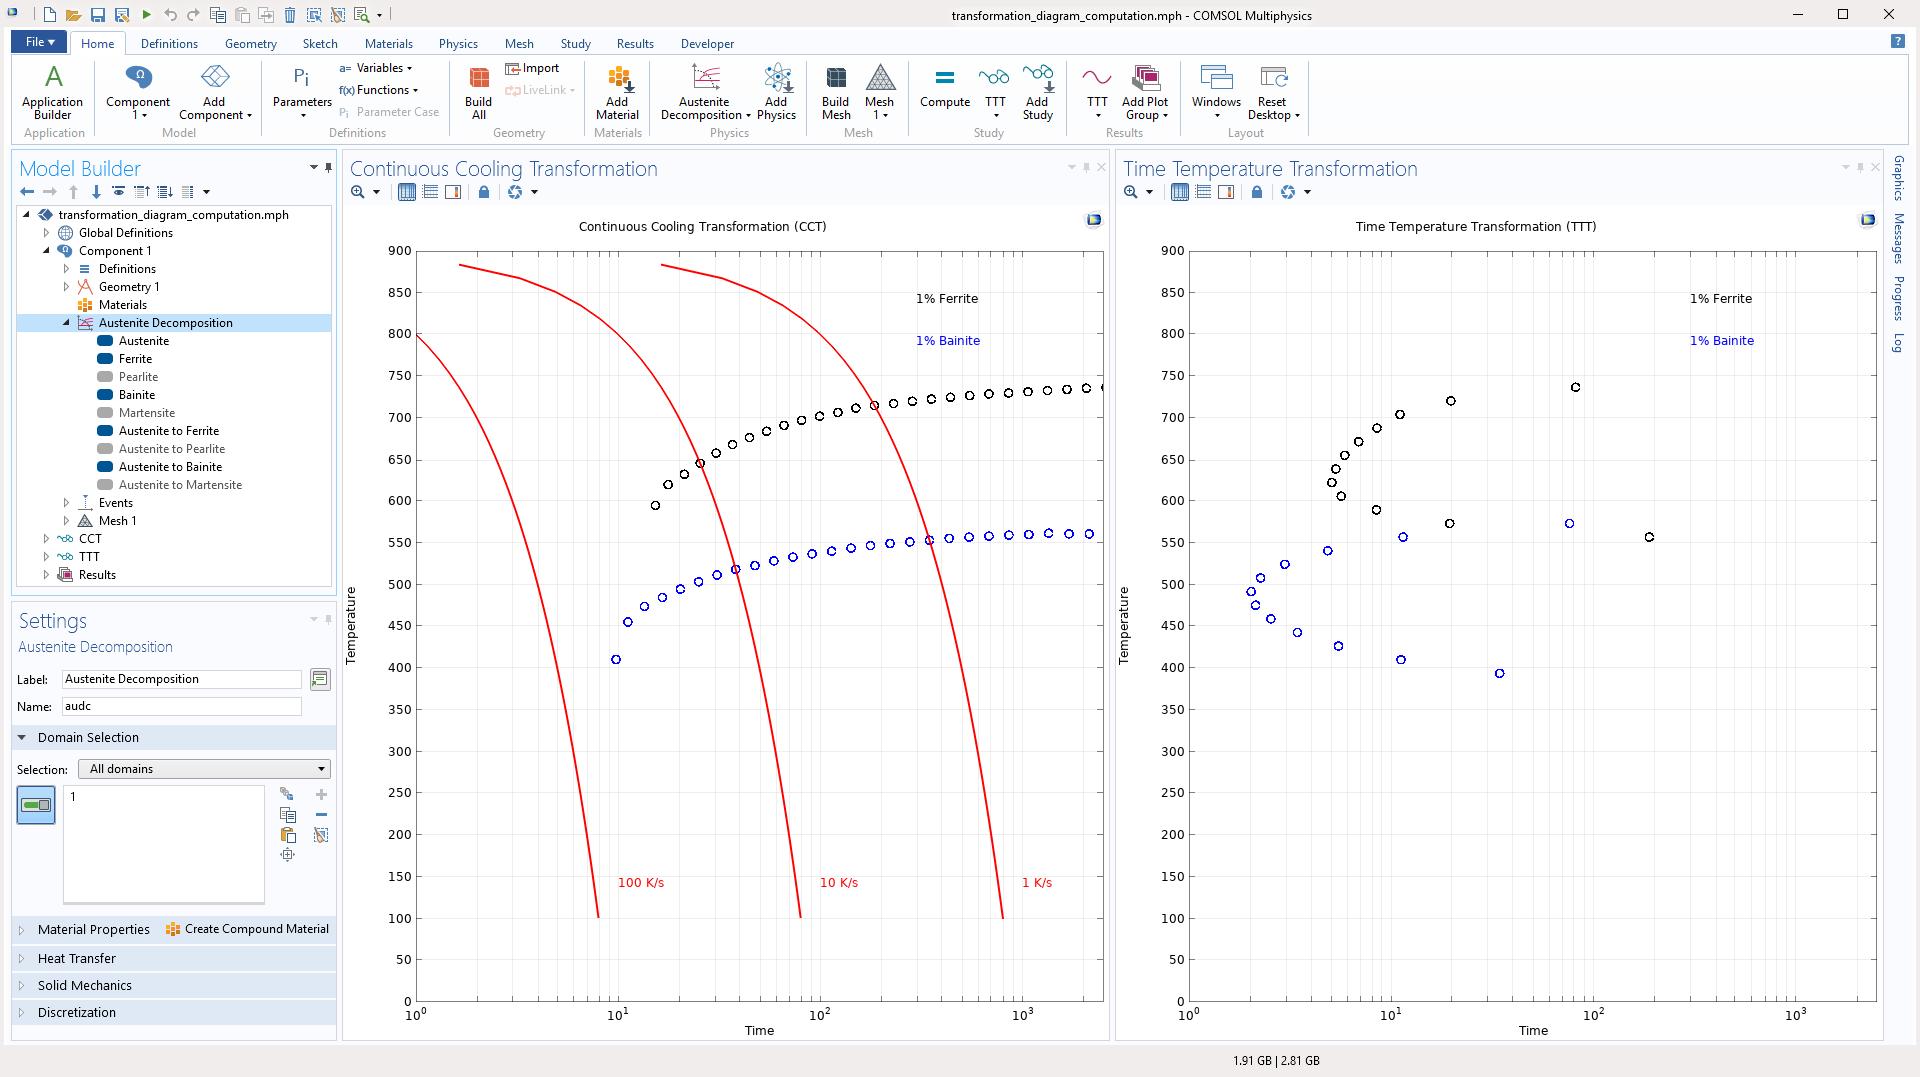 IRA/ARA Diagramy simulované vCOMSOL Multiphysics pomocí nového Metal Processing Module.